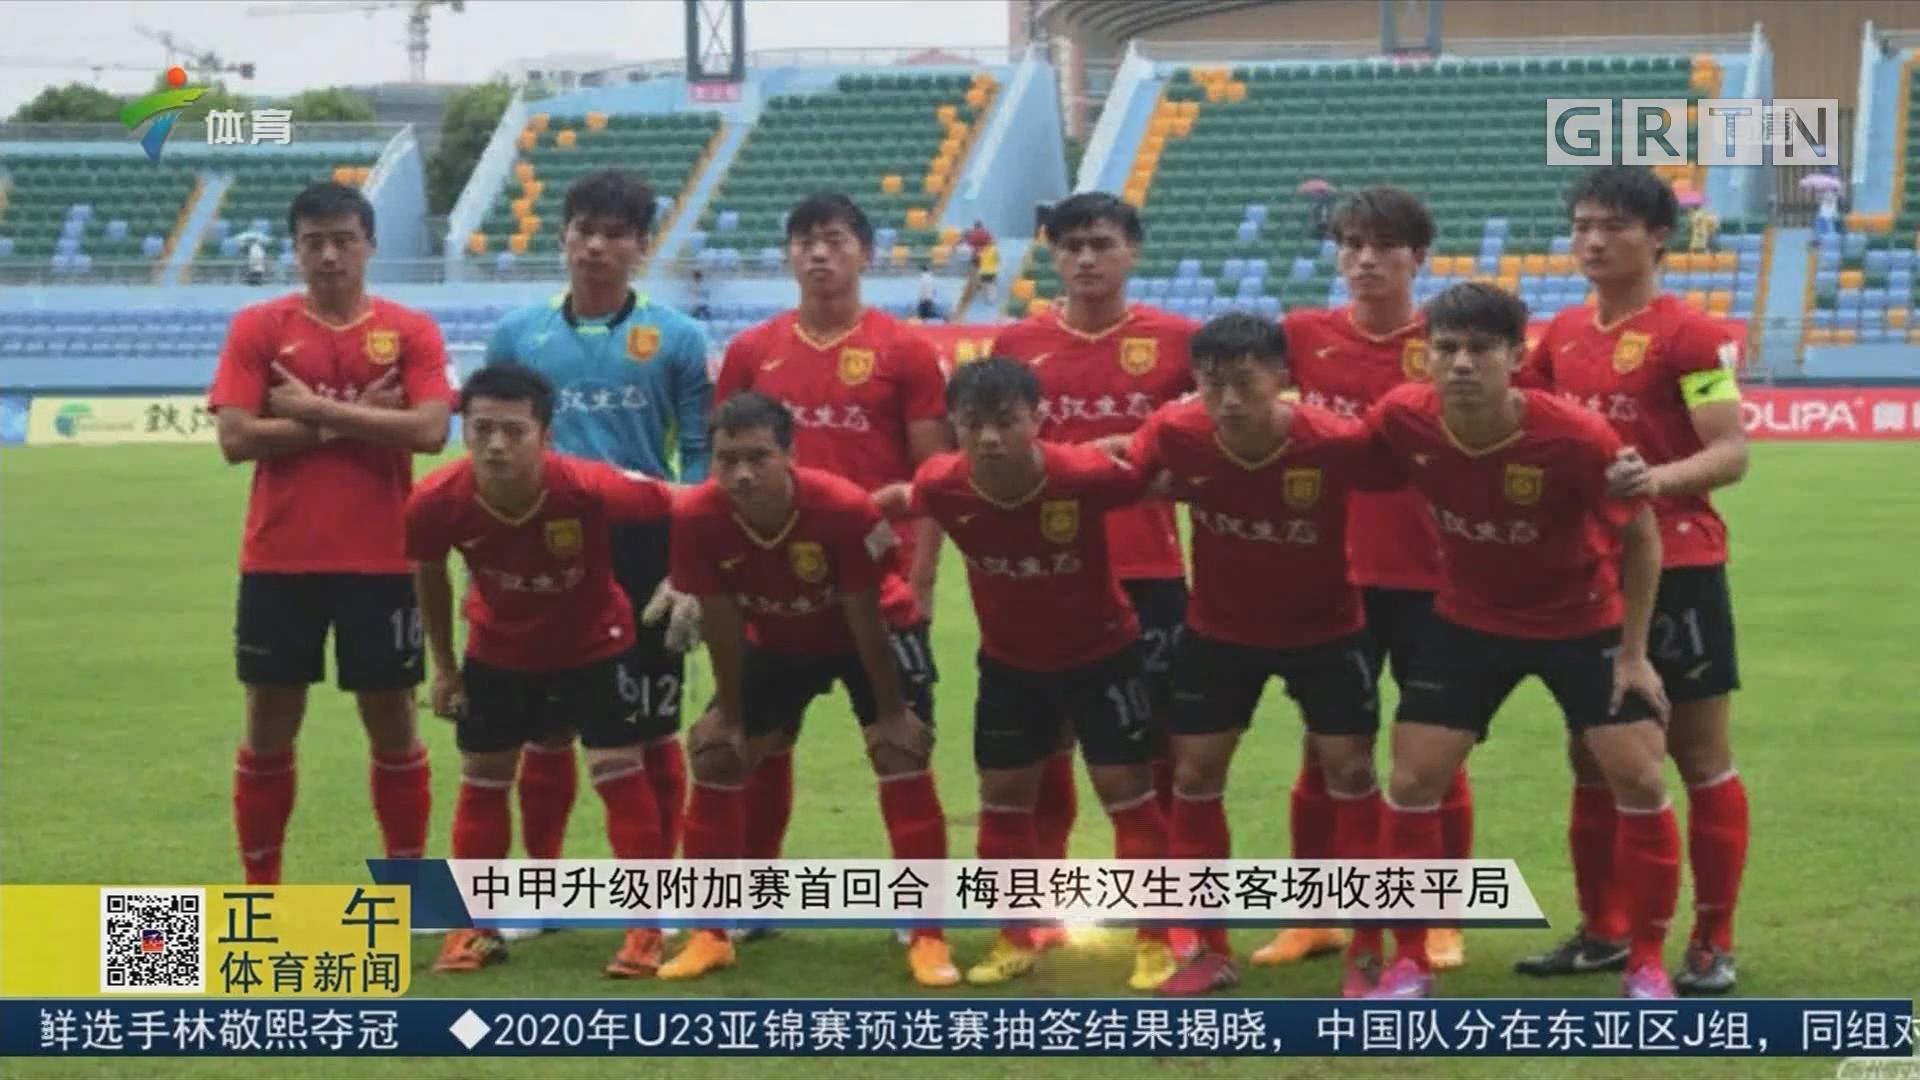 中甲升级附加赛首回合 梅县铁汉生态客场收获平局